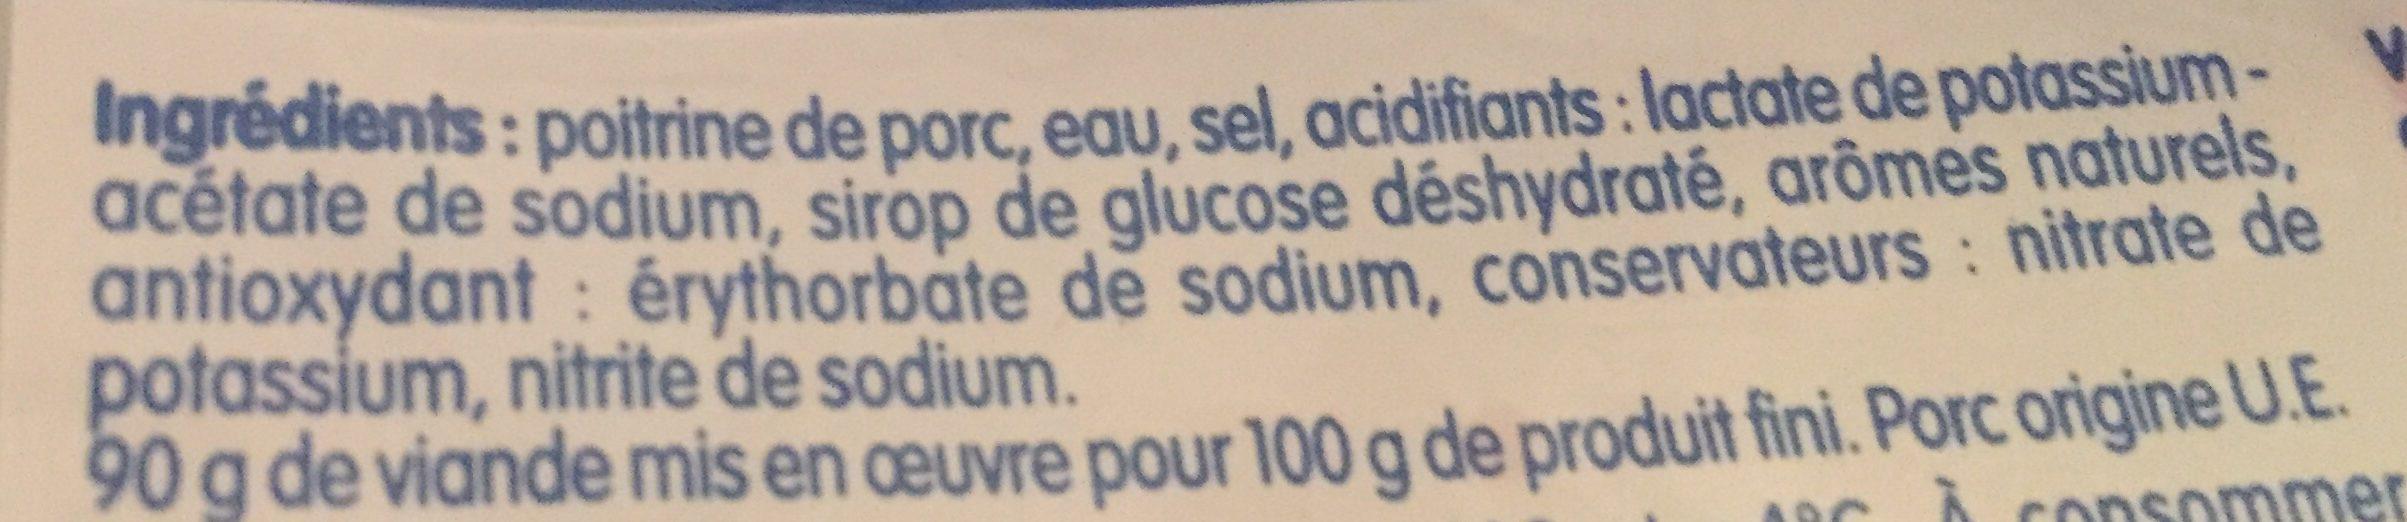 Lardons Nature - Ingrediënten